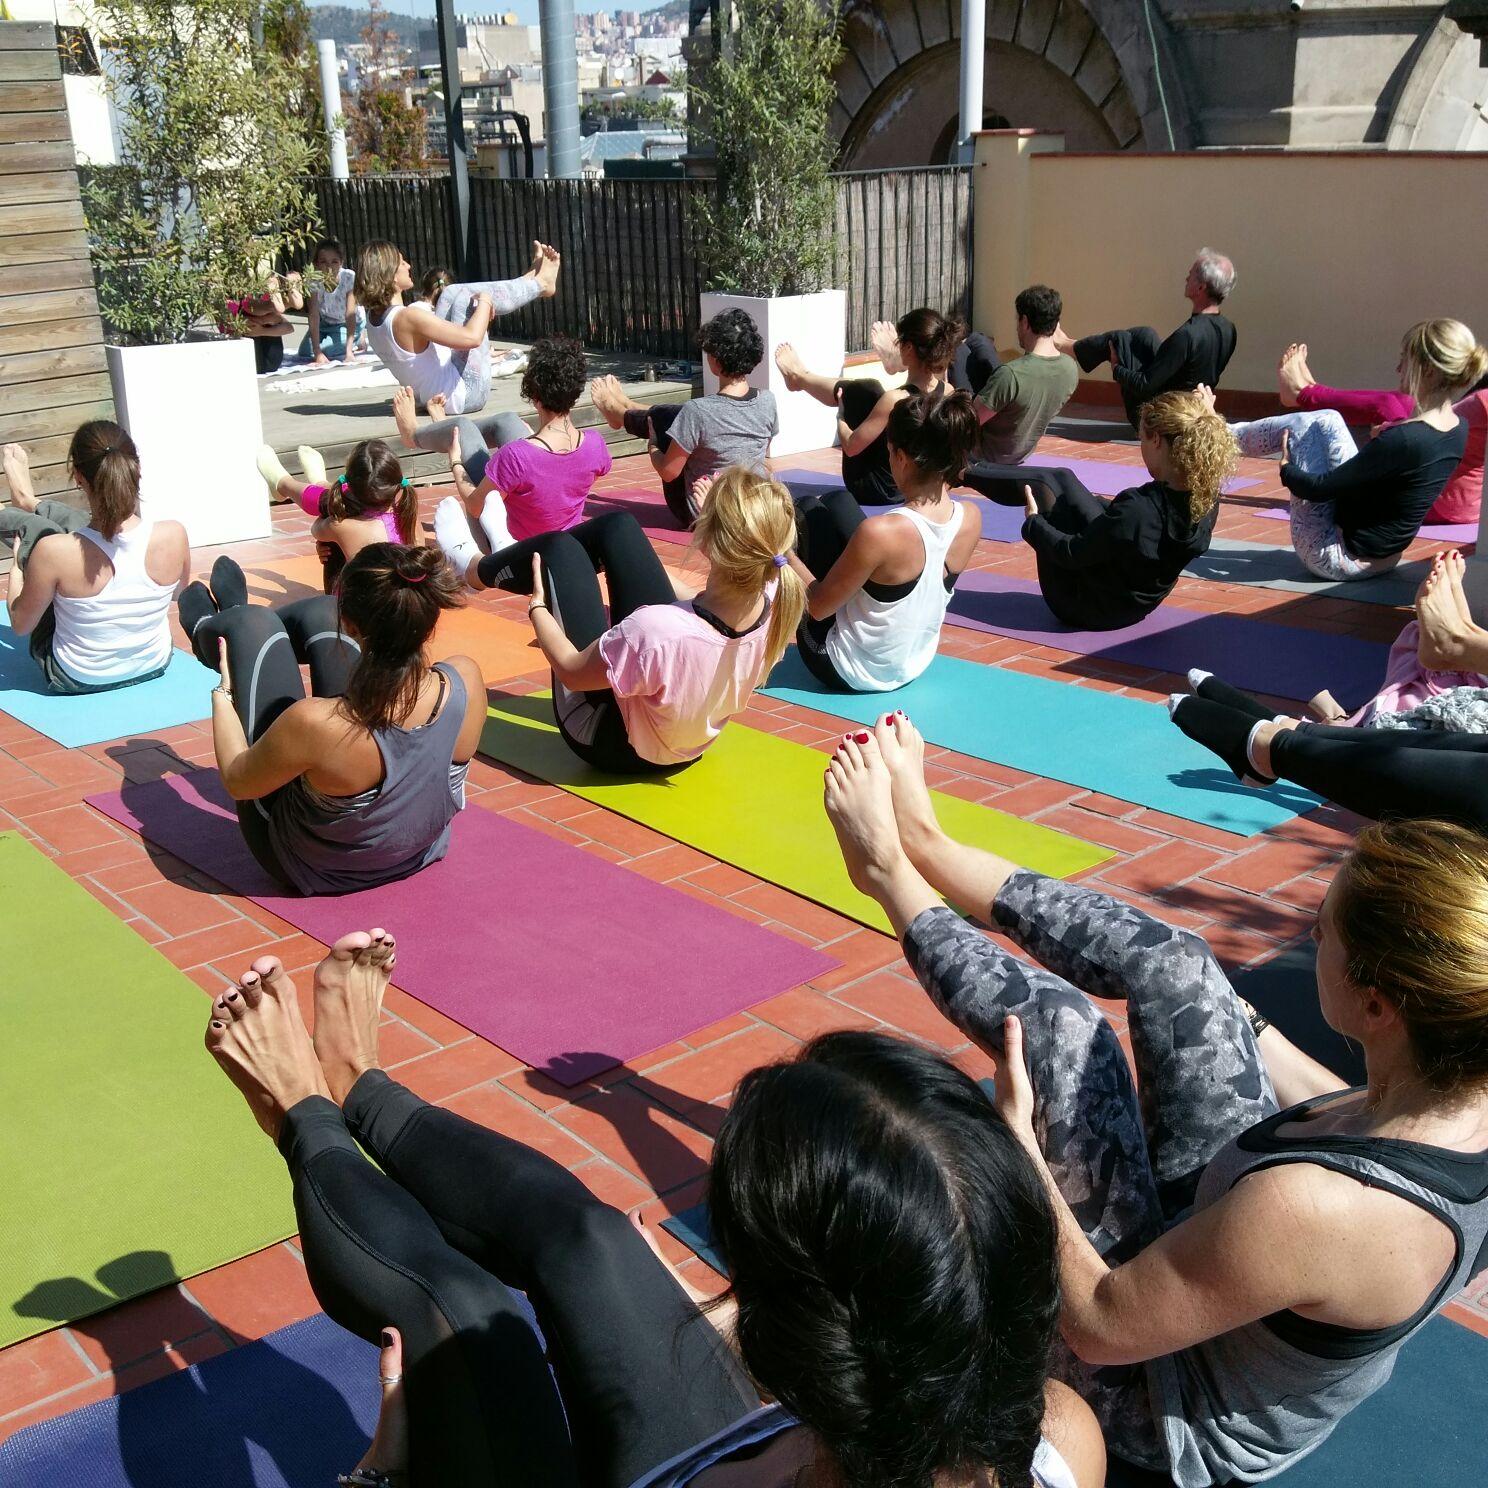 yoga_barcelona_rooftop .jpeg